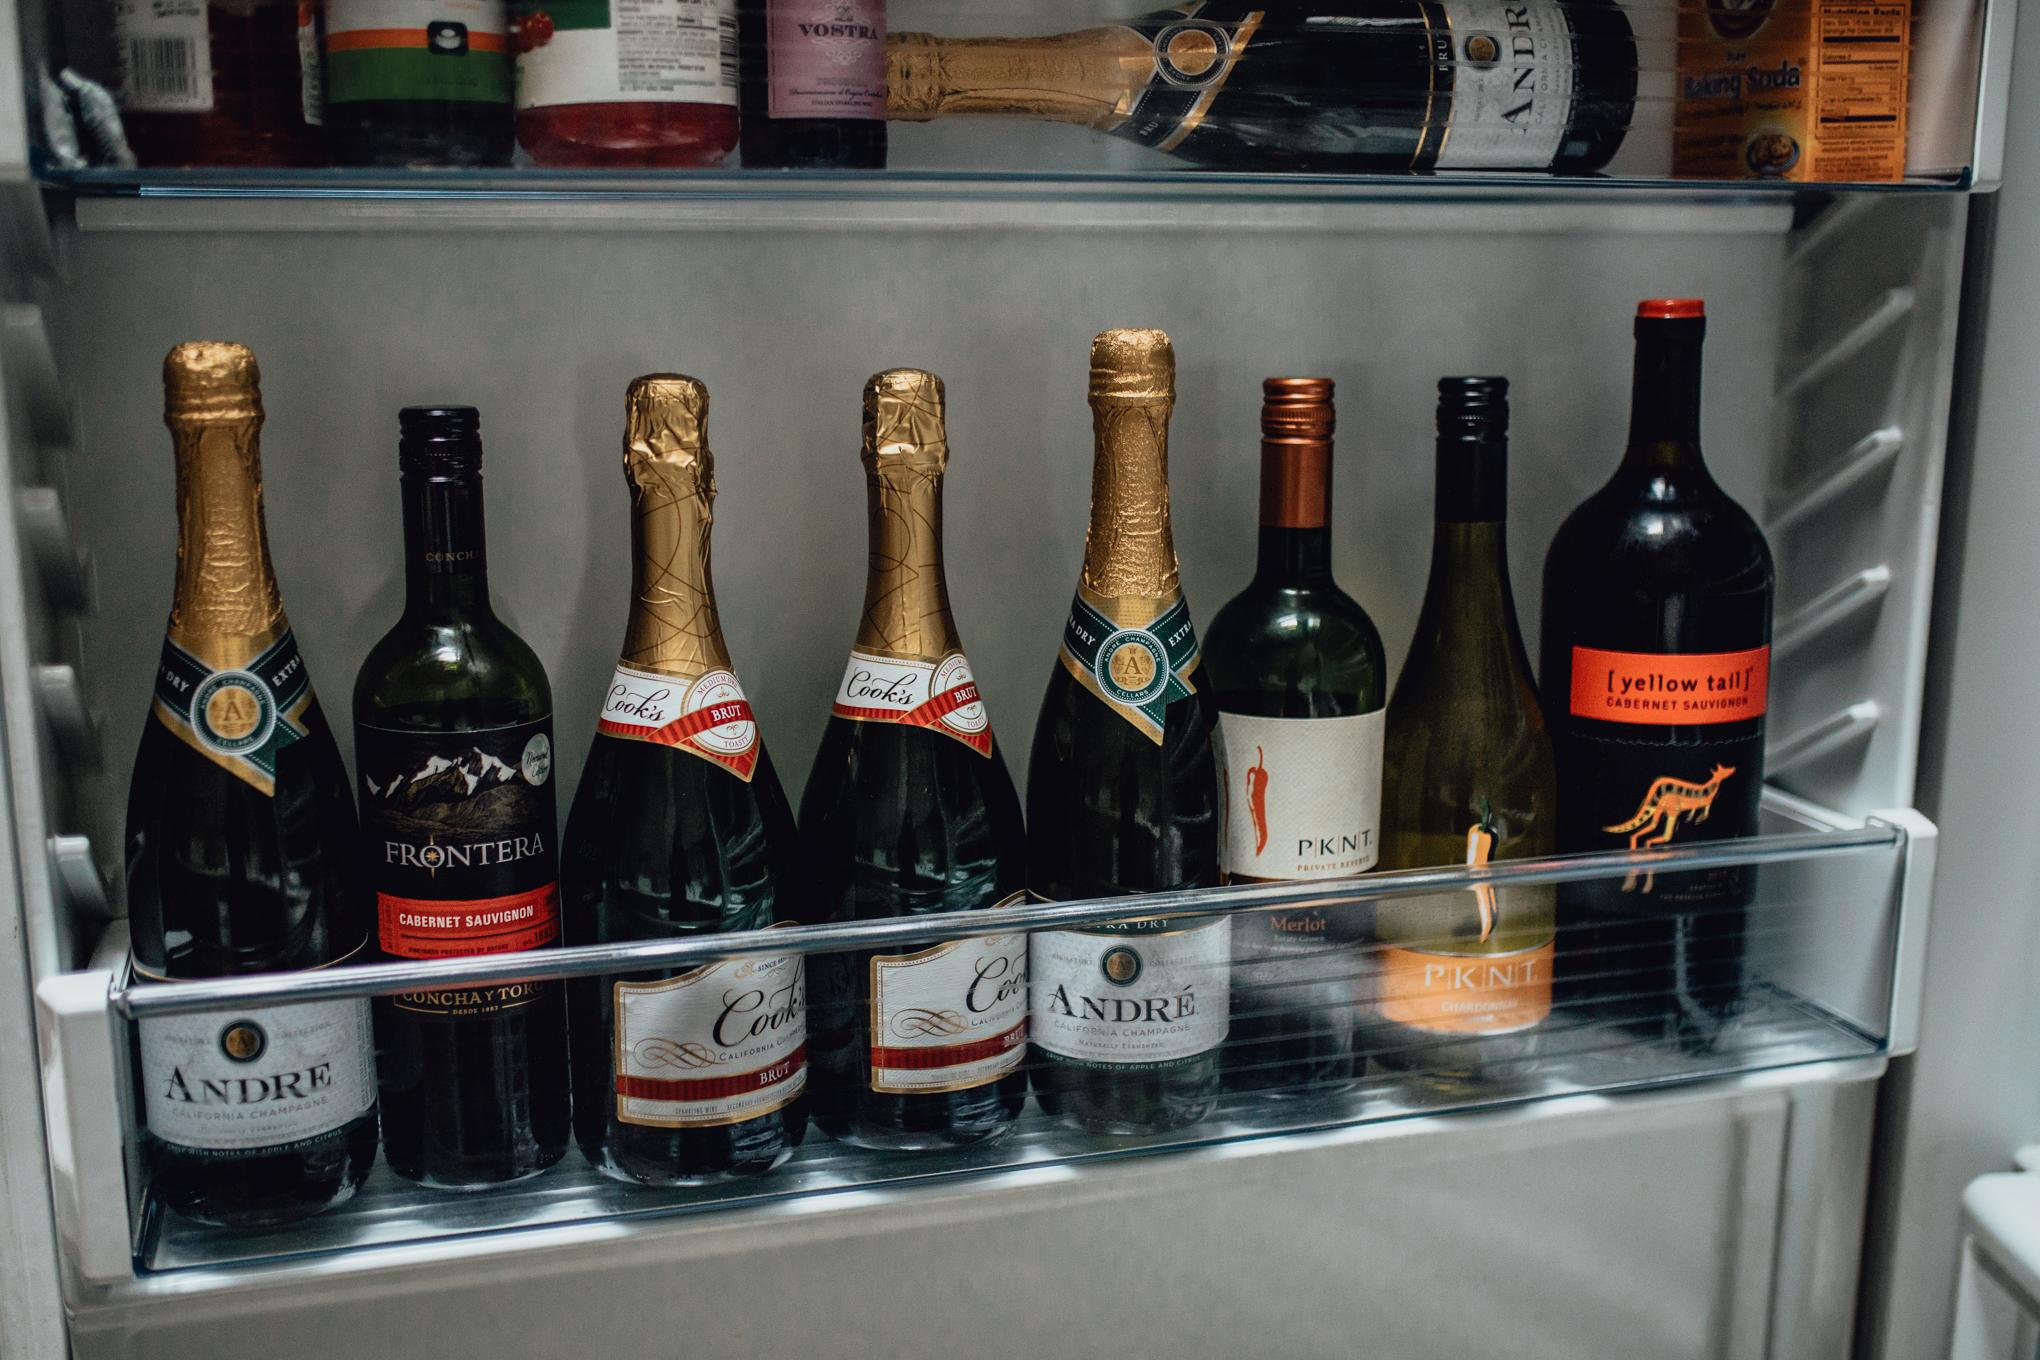 bottles-of-champagne-in-fridge.jpg